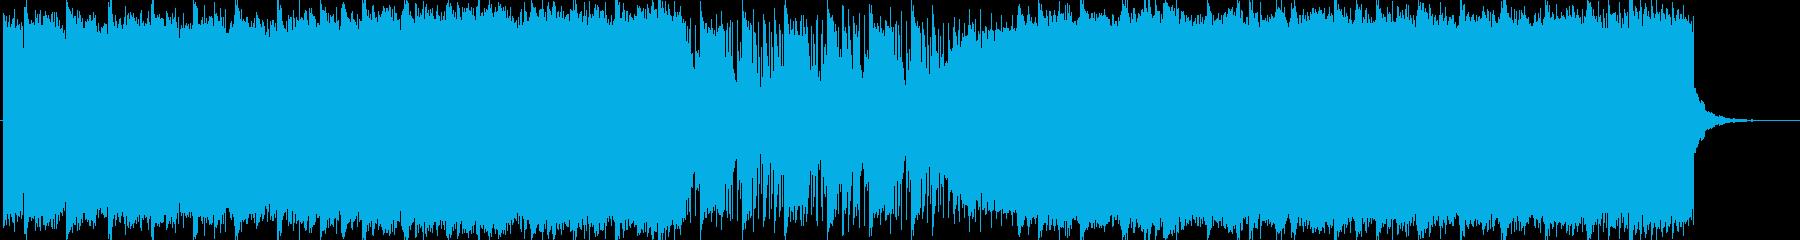 幻想的で近未来なBGMの再生済みの波形